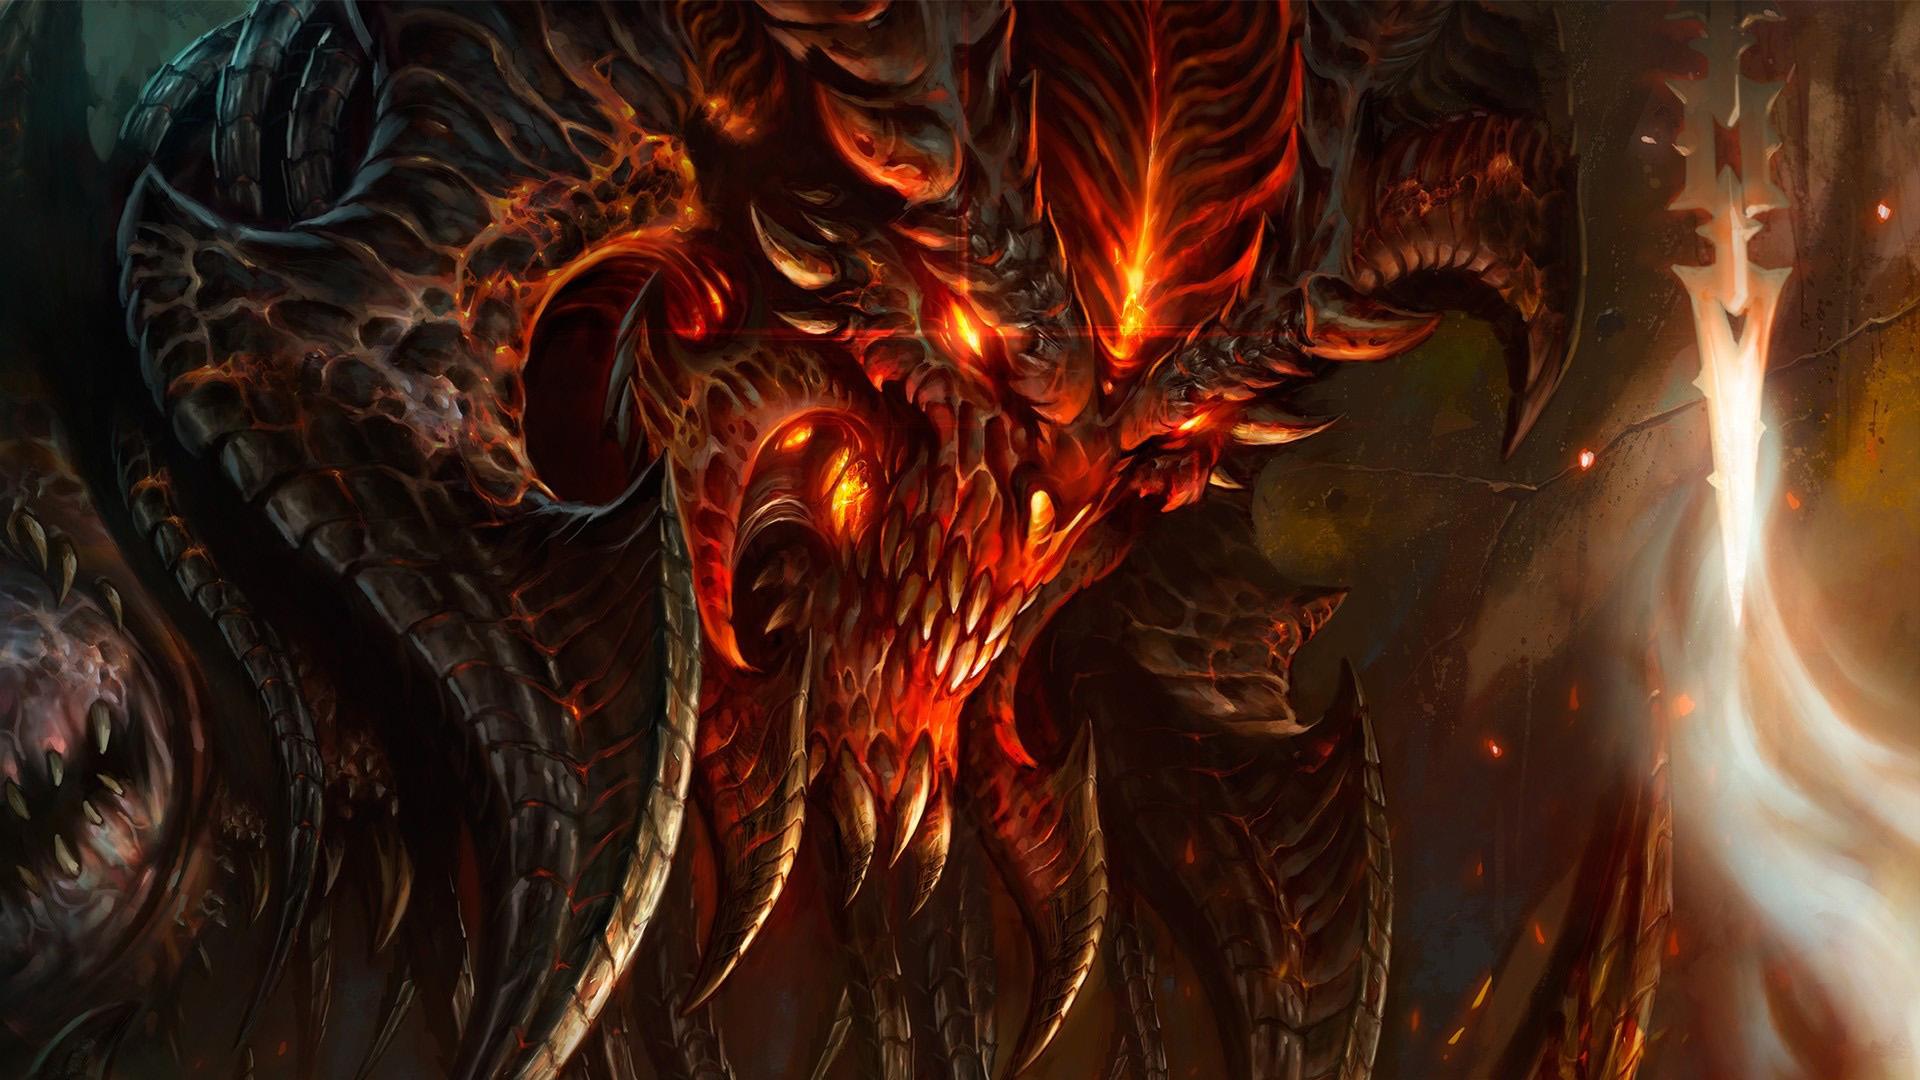 Ależ przyjemnie jest wrócić do konsolowego Diablo 3 po tak długiej rozłące!